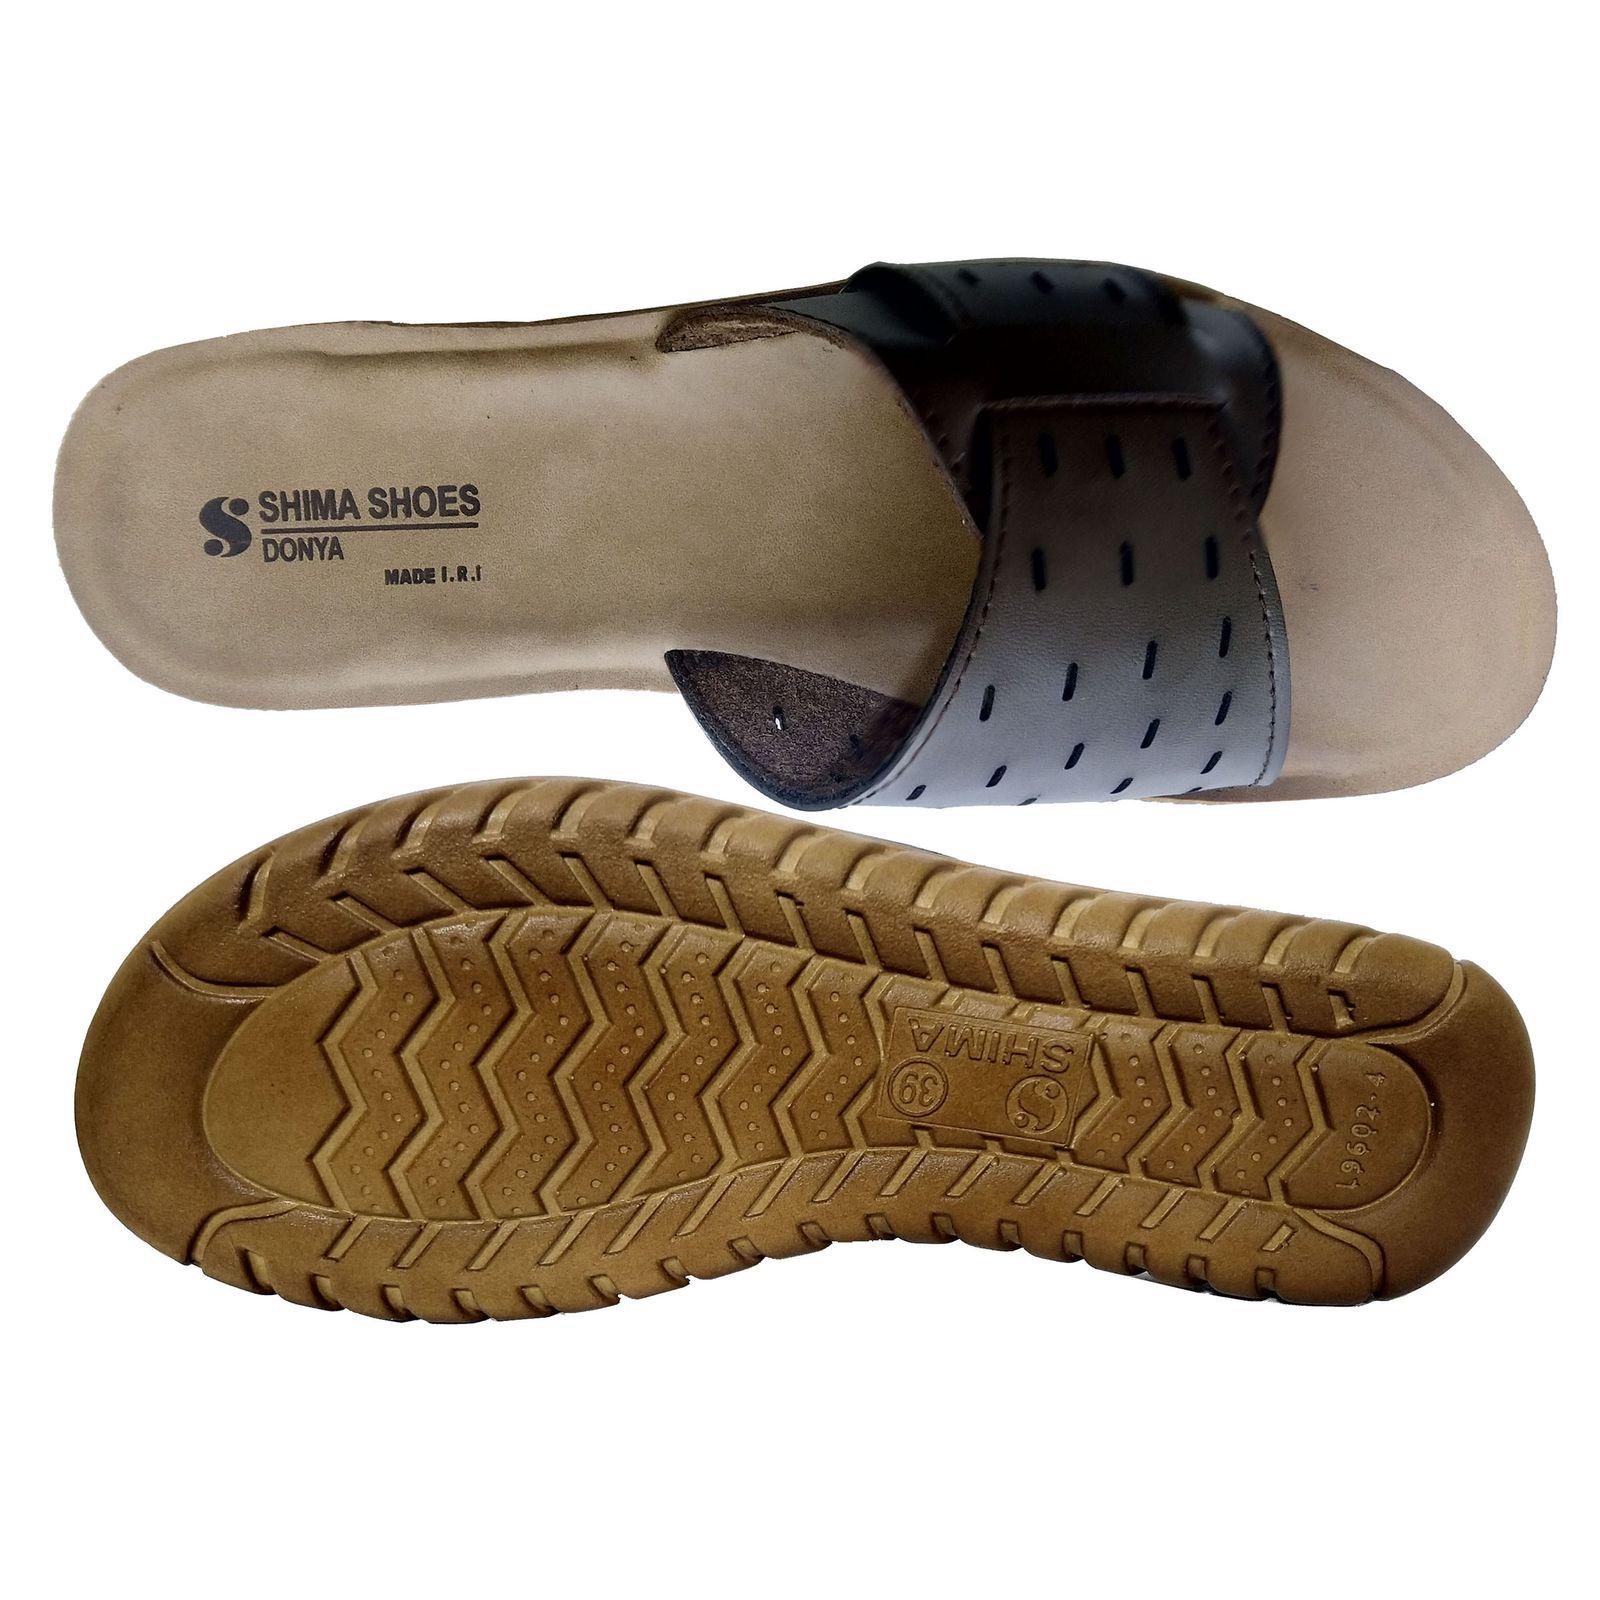 دمپایی زنانه کفش شیما مدل دنیا کد sh-15dongh -  - 2